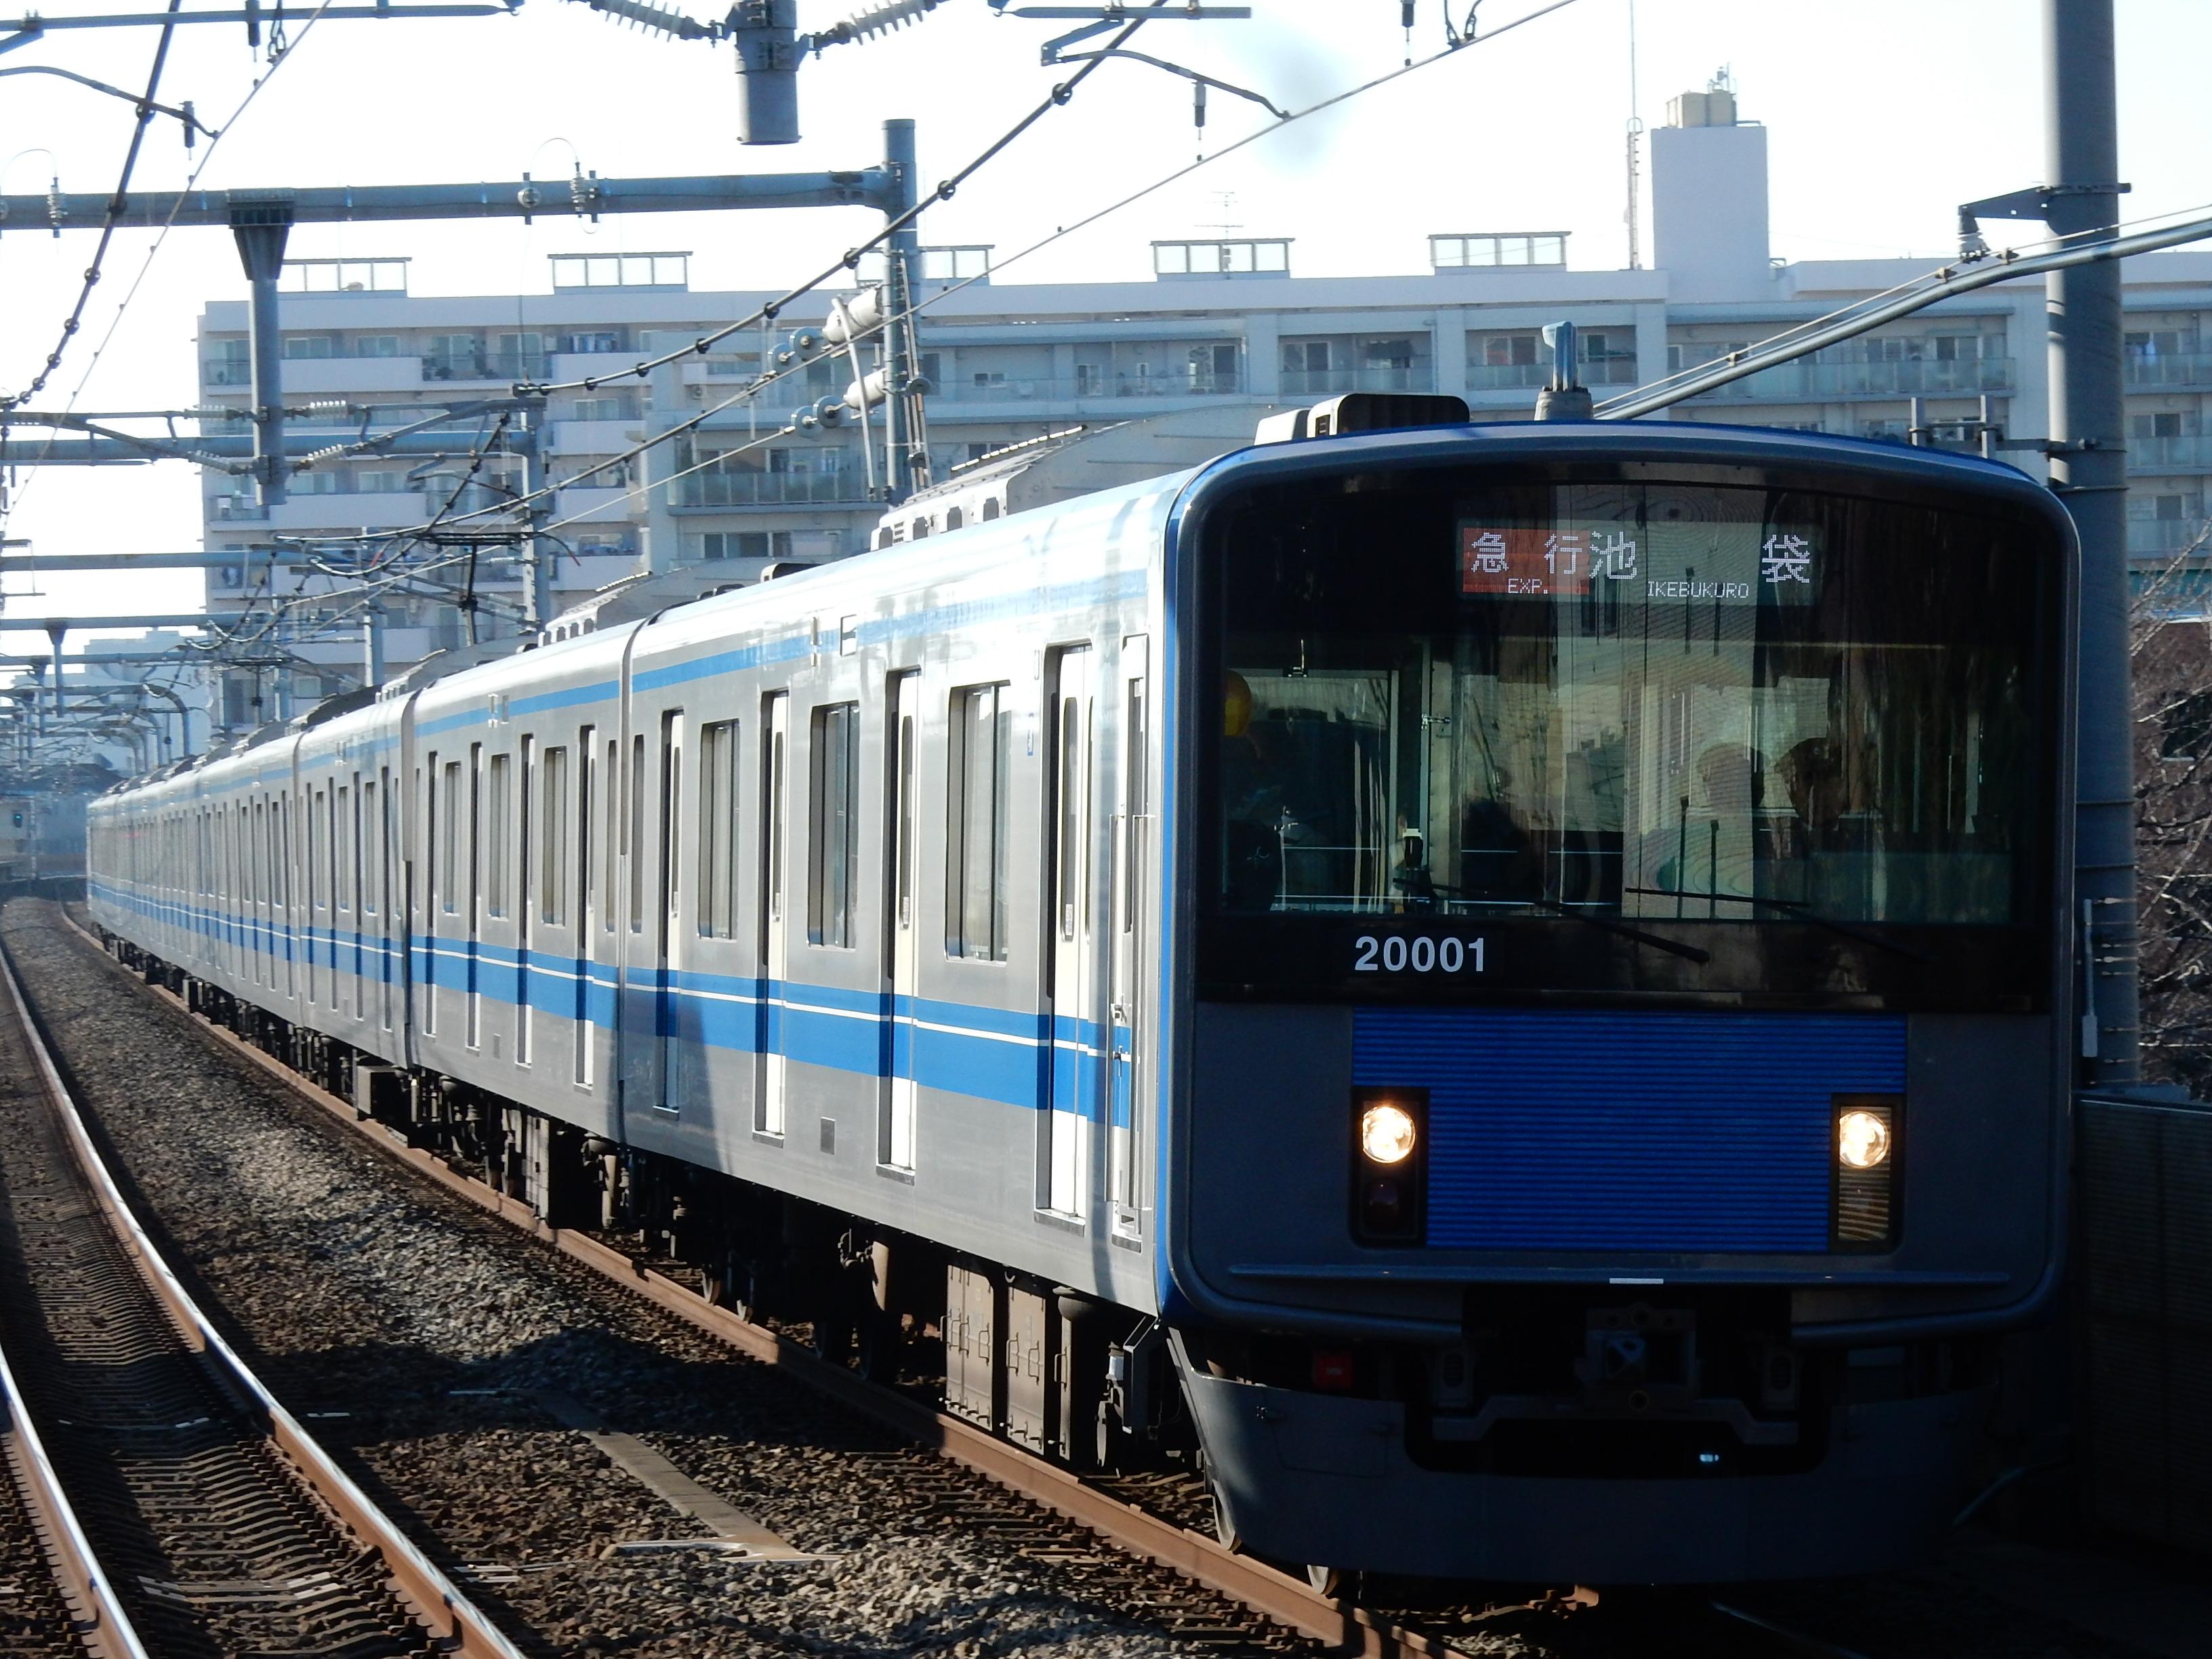 DSCN0258.jpg